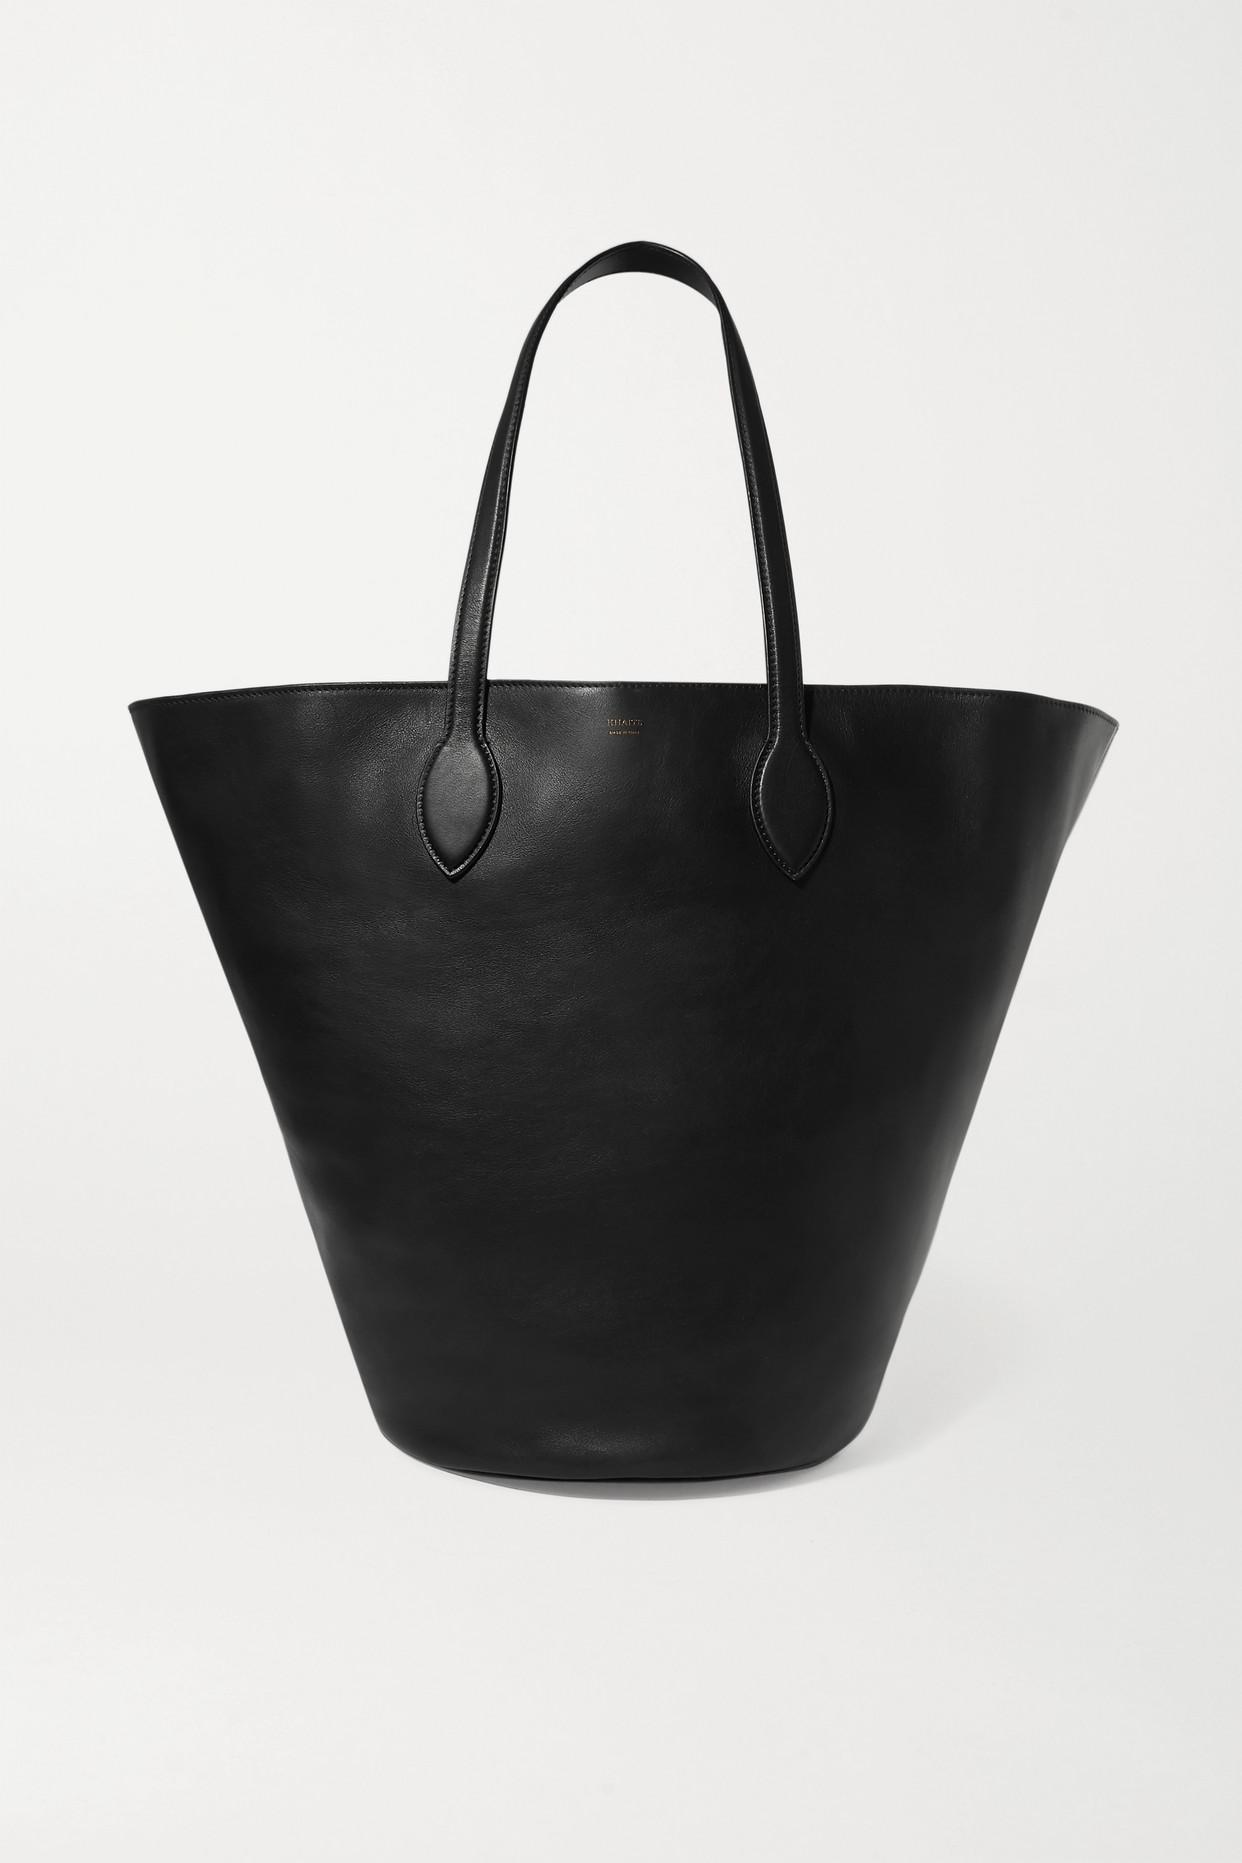 KHAITE - Circle Medium Leather Tote - Black - one size